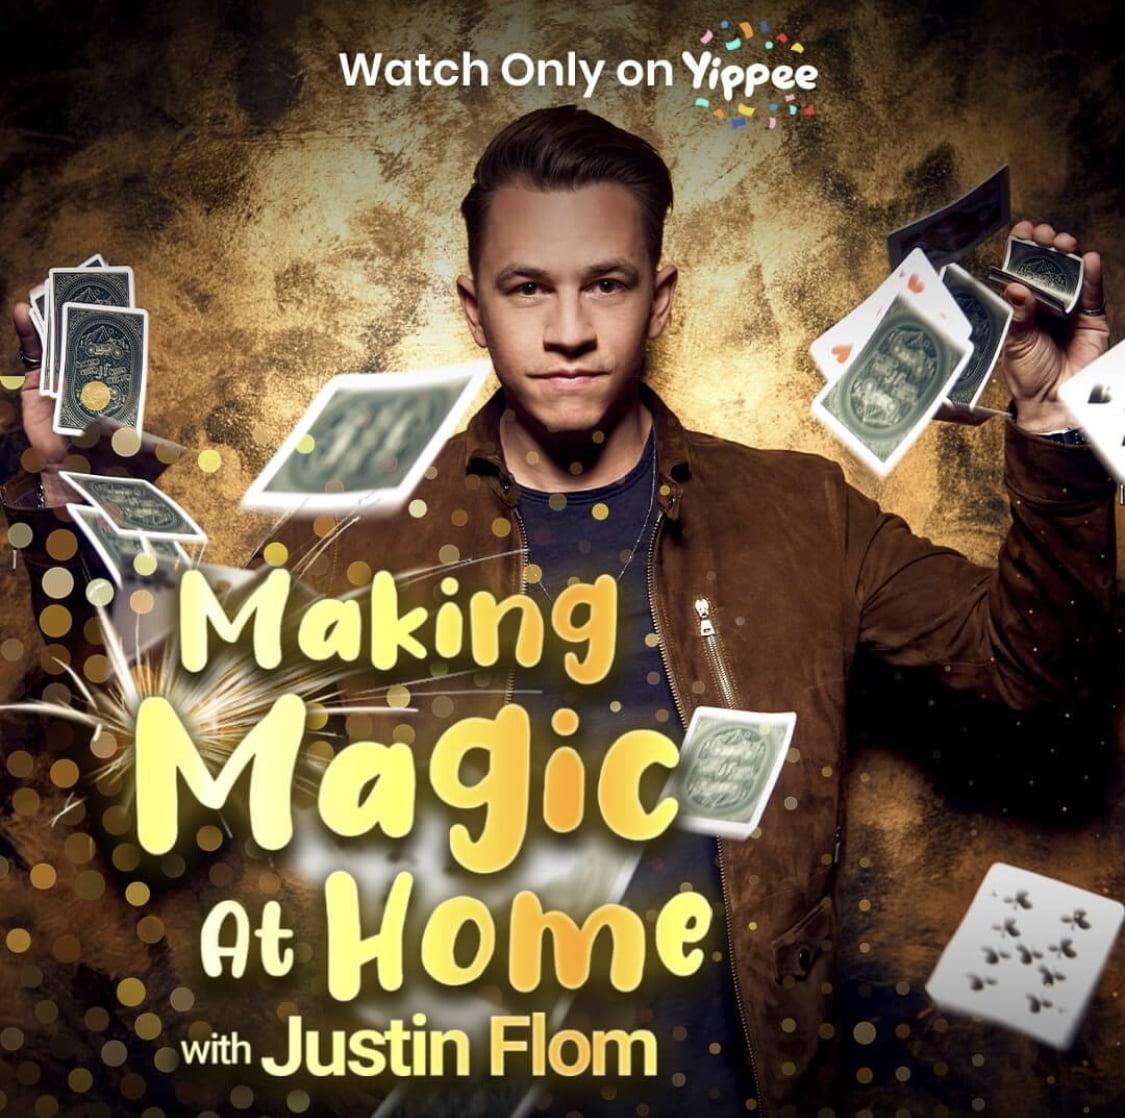 Justin Flom, 360 MAGAZINE